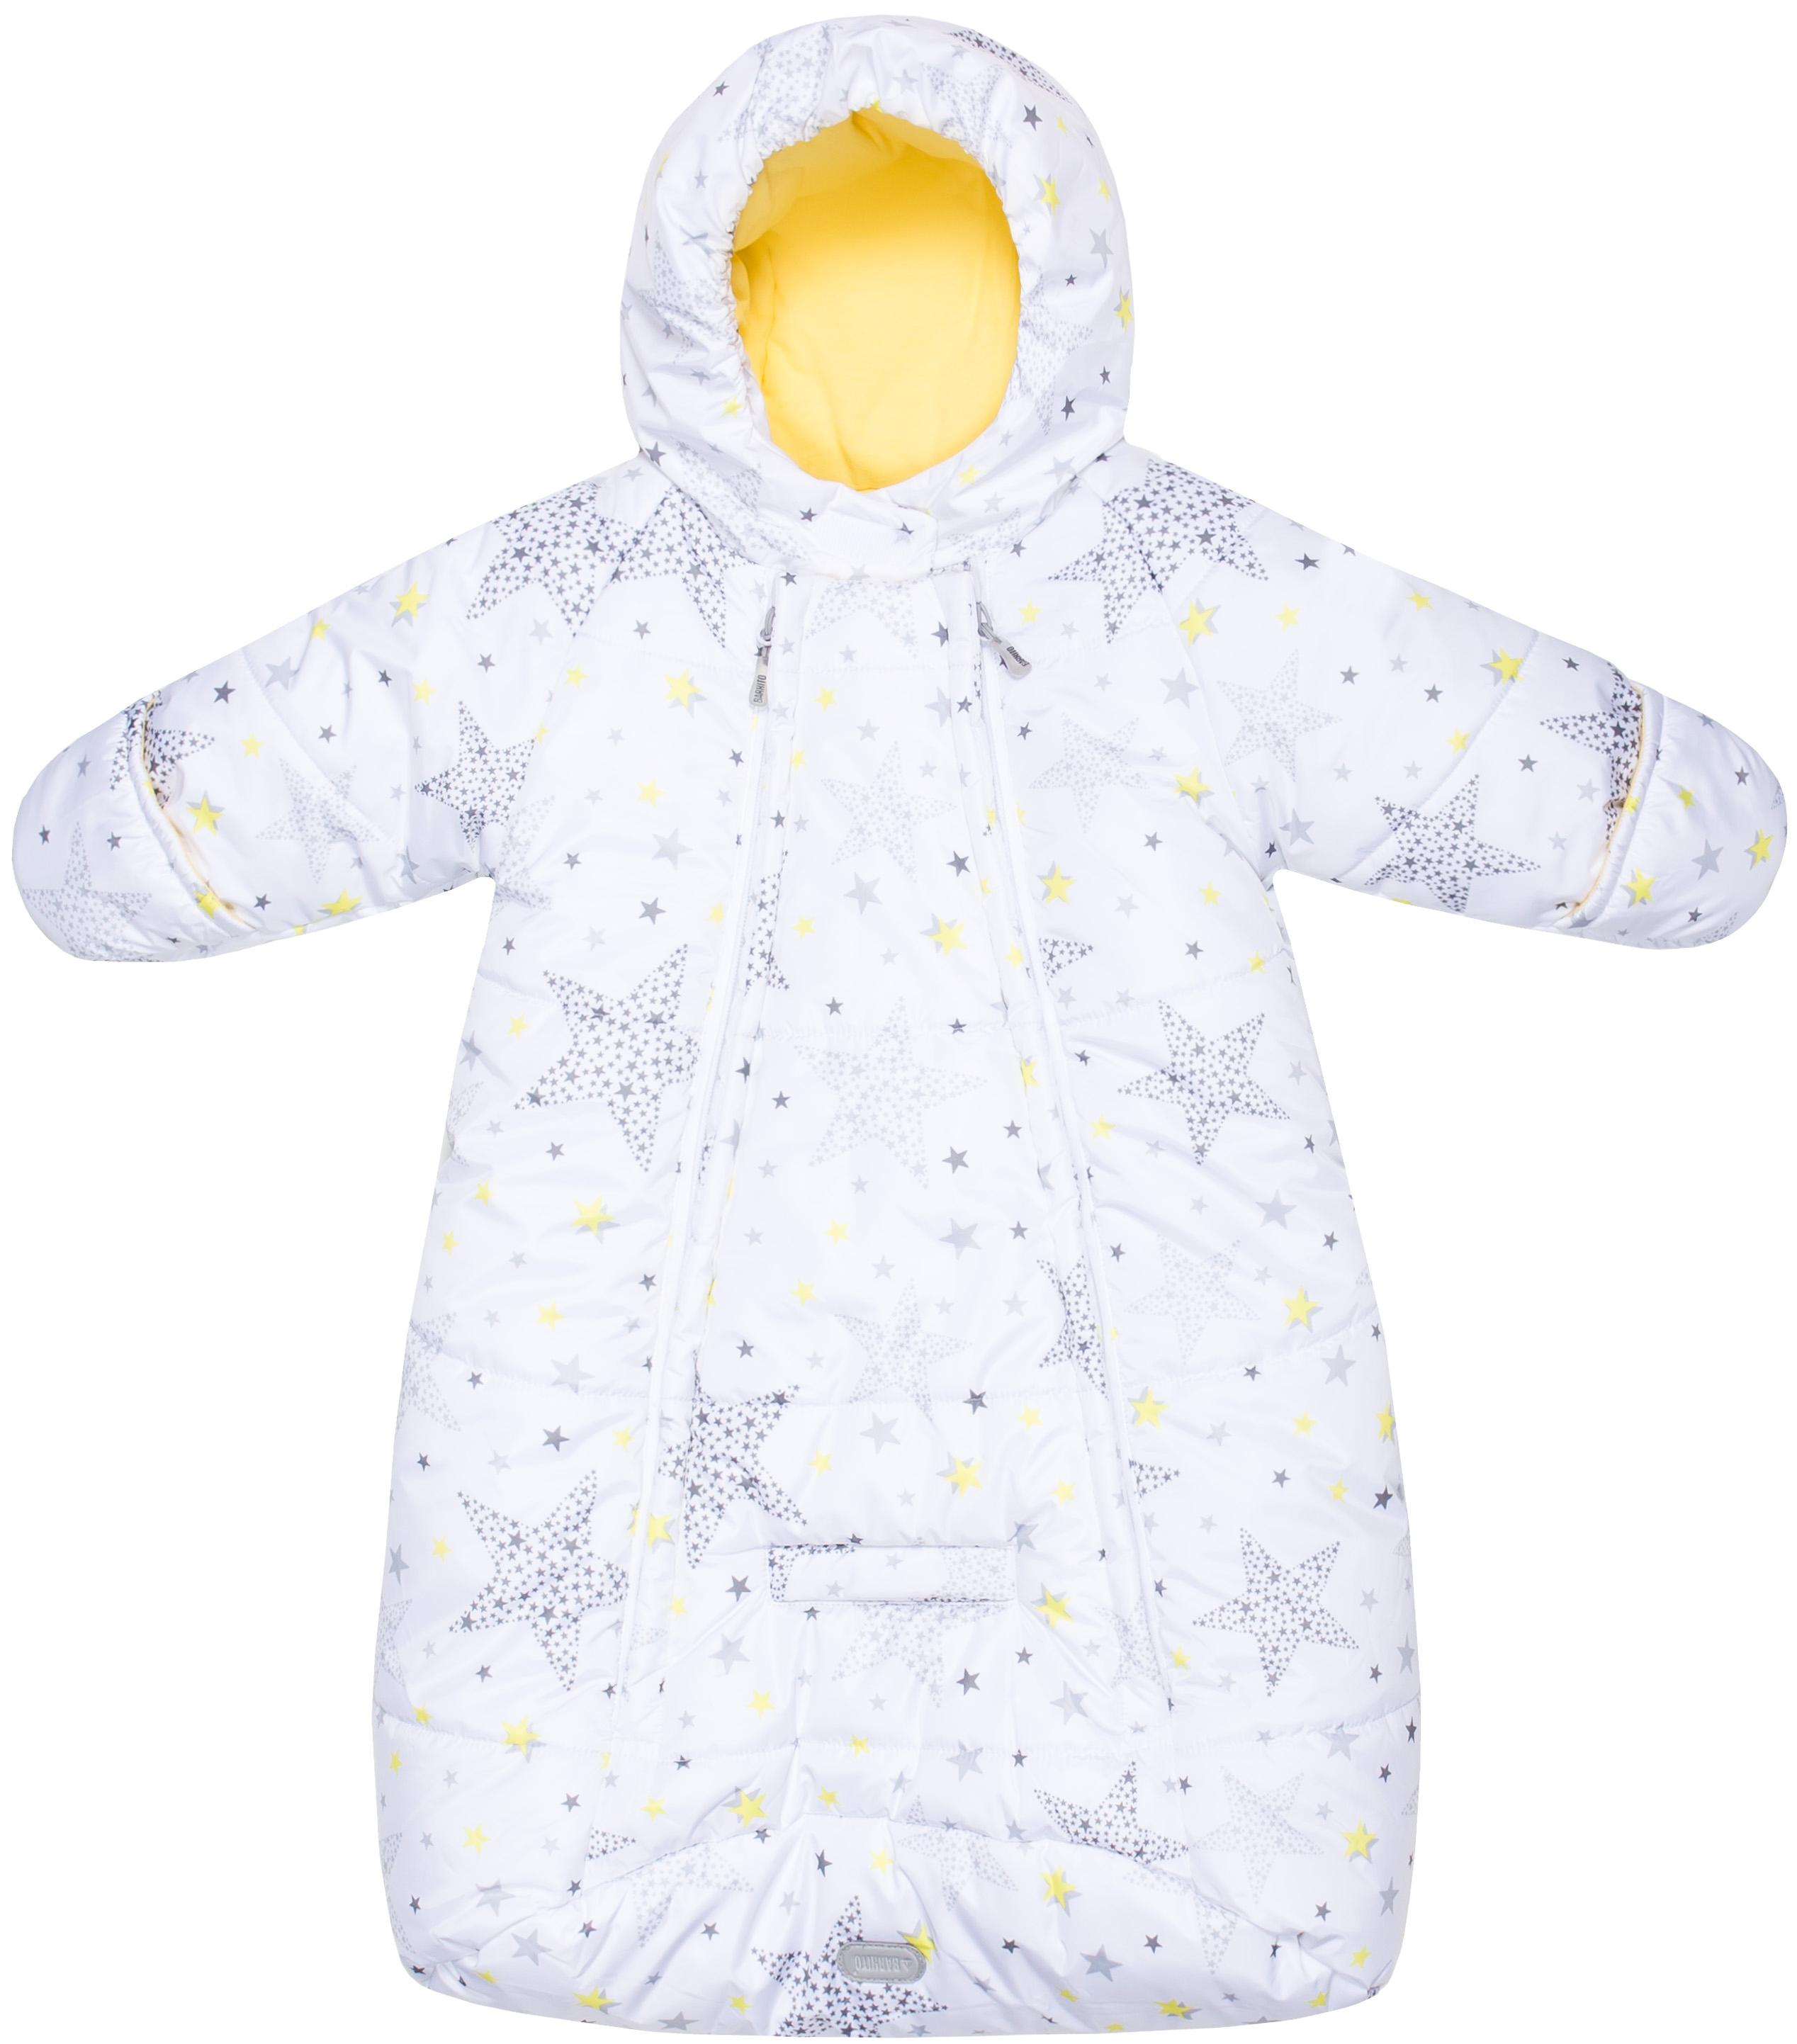 Конверты и спальные мешки Barkito Конверт детский Barkito, белый с рисунком «звёзды» спальные мешки для малышей bebe lazzi конверт